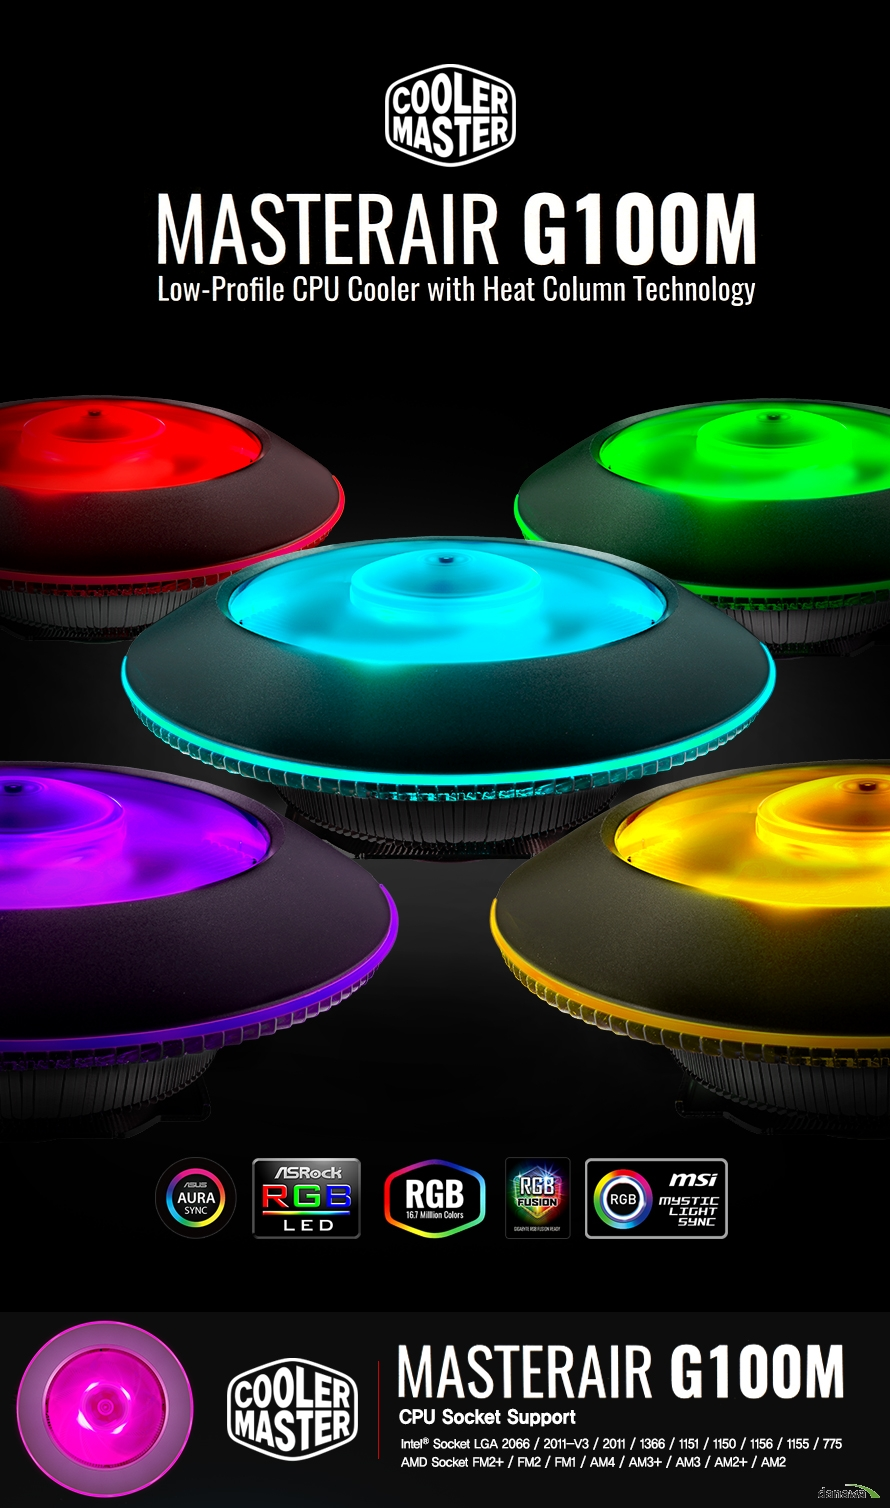 COOLERMASTER MASTERAIR G100M UFO RGB컨트롤러CPU Socket SupportIntel Socket LGA 2066 2011-v3 2011 1366 1151 1150 1156 1155 775AMD Socket FM2+ / FM2 / FM1 / AM4  AM3+ / AM3 / AM2+  AM2